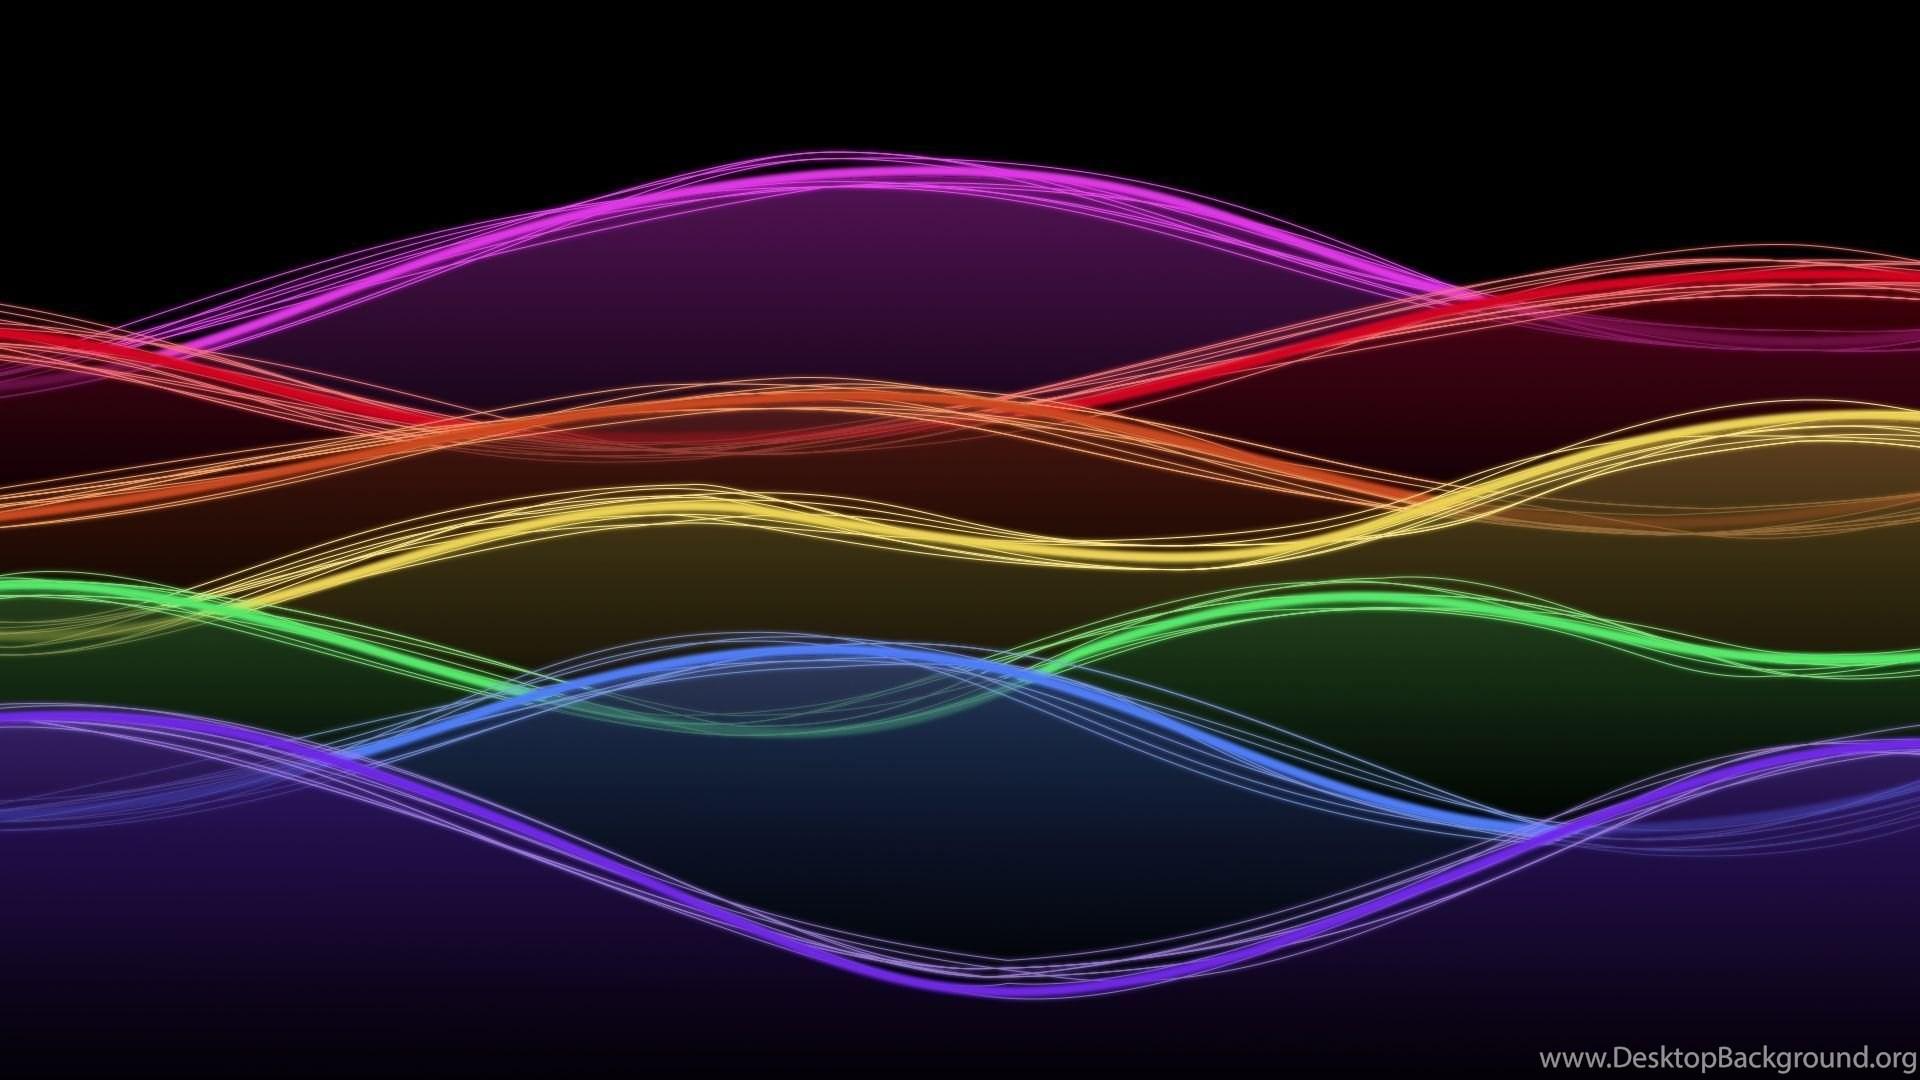 Neon Wallpapers Desktop Backgrounds 9bi Wallpey Desktop